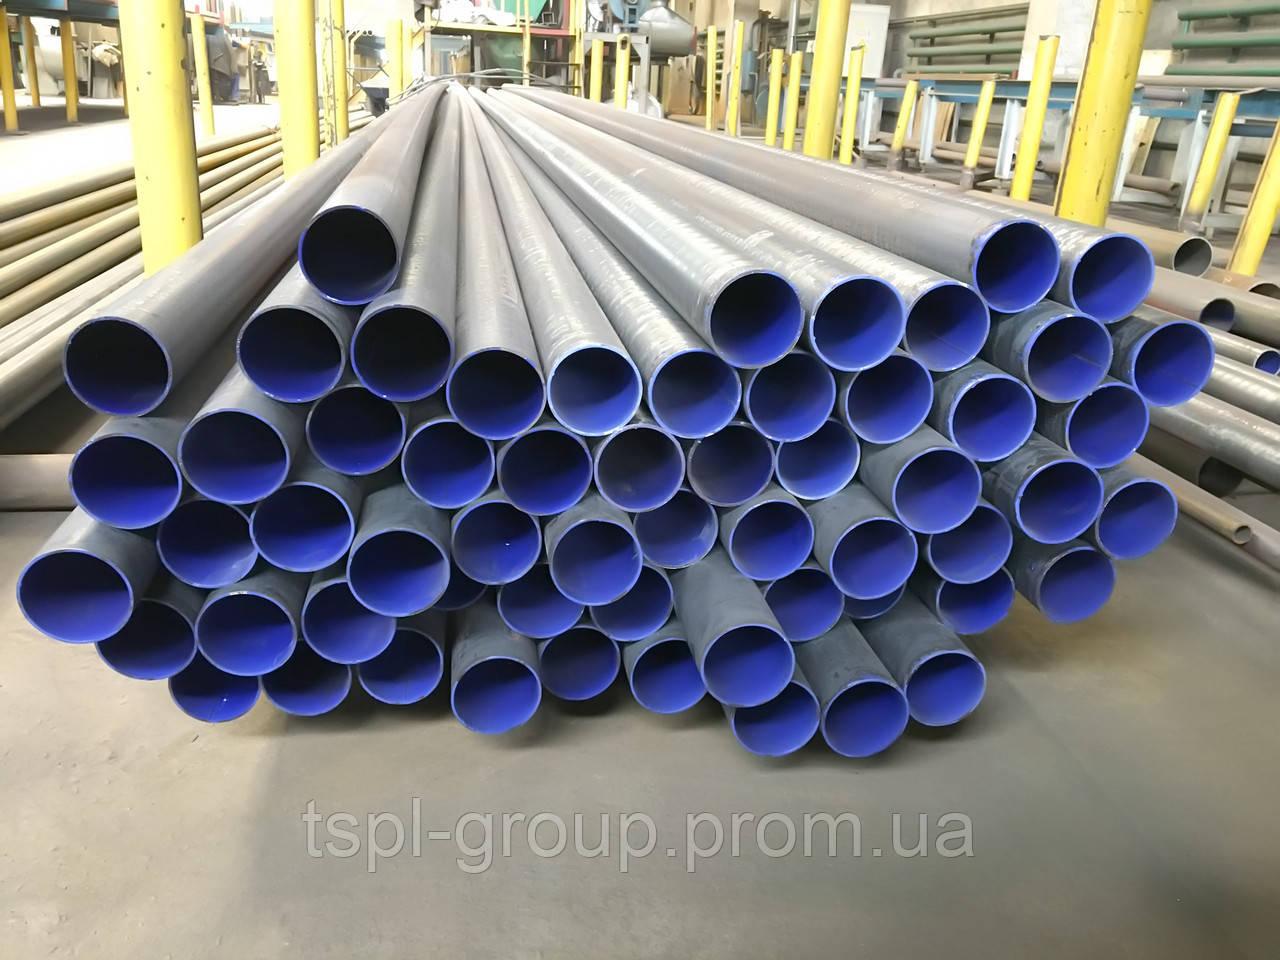 Труба стальная ГОСТ 3262-75, Ду 40 эмалированная